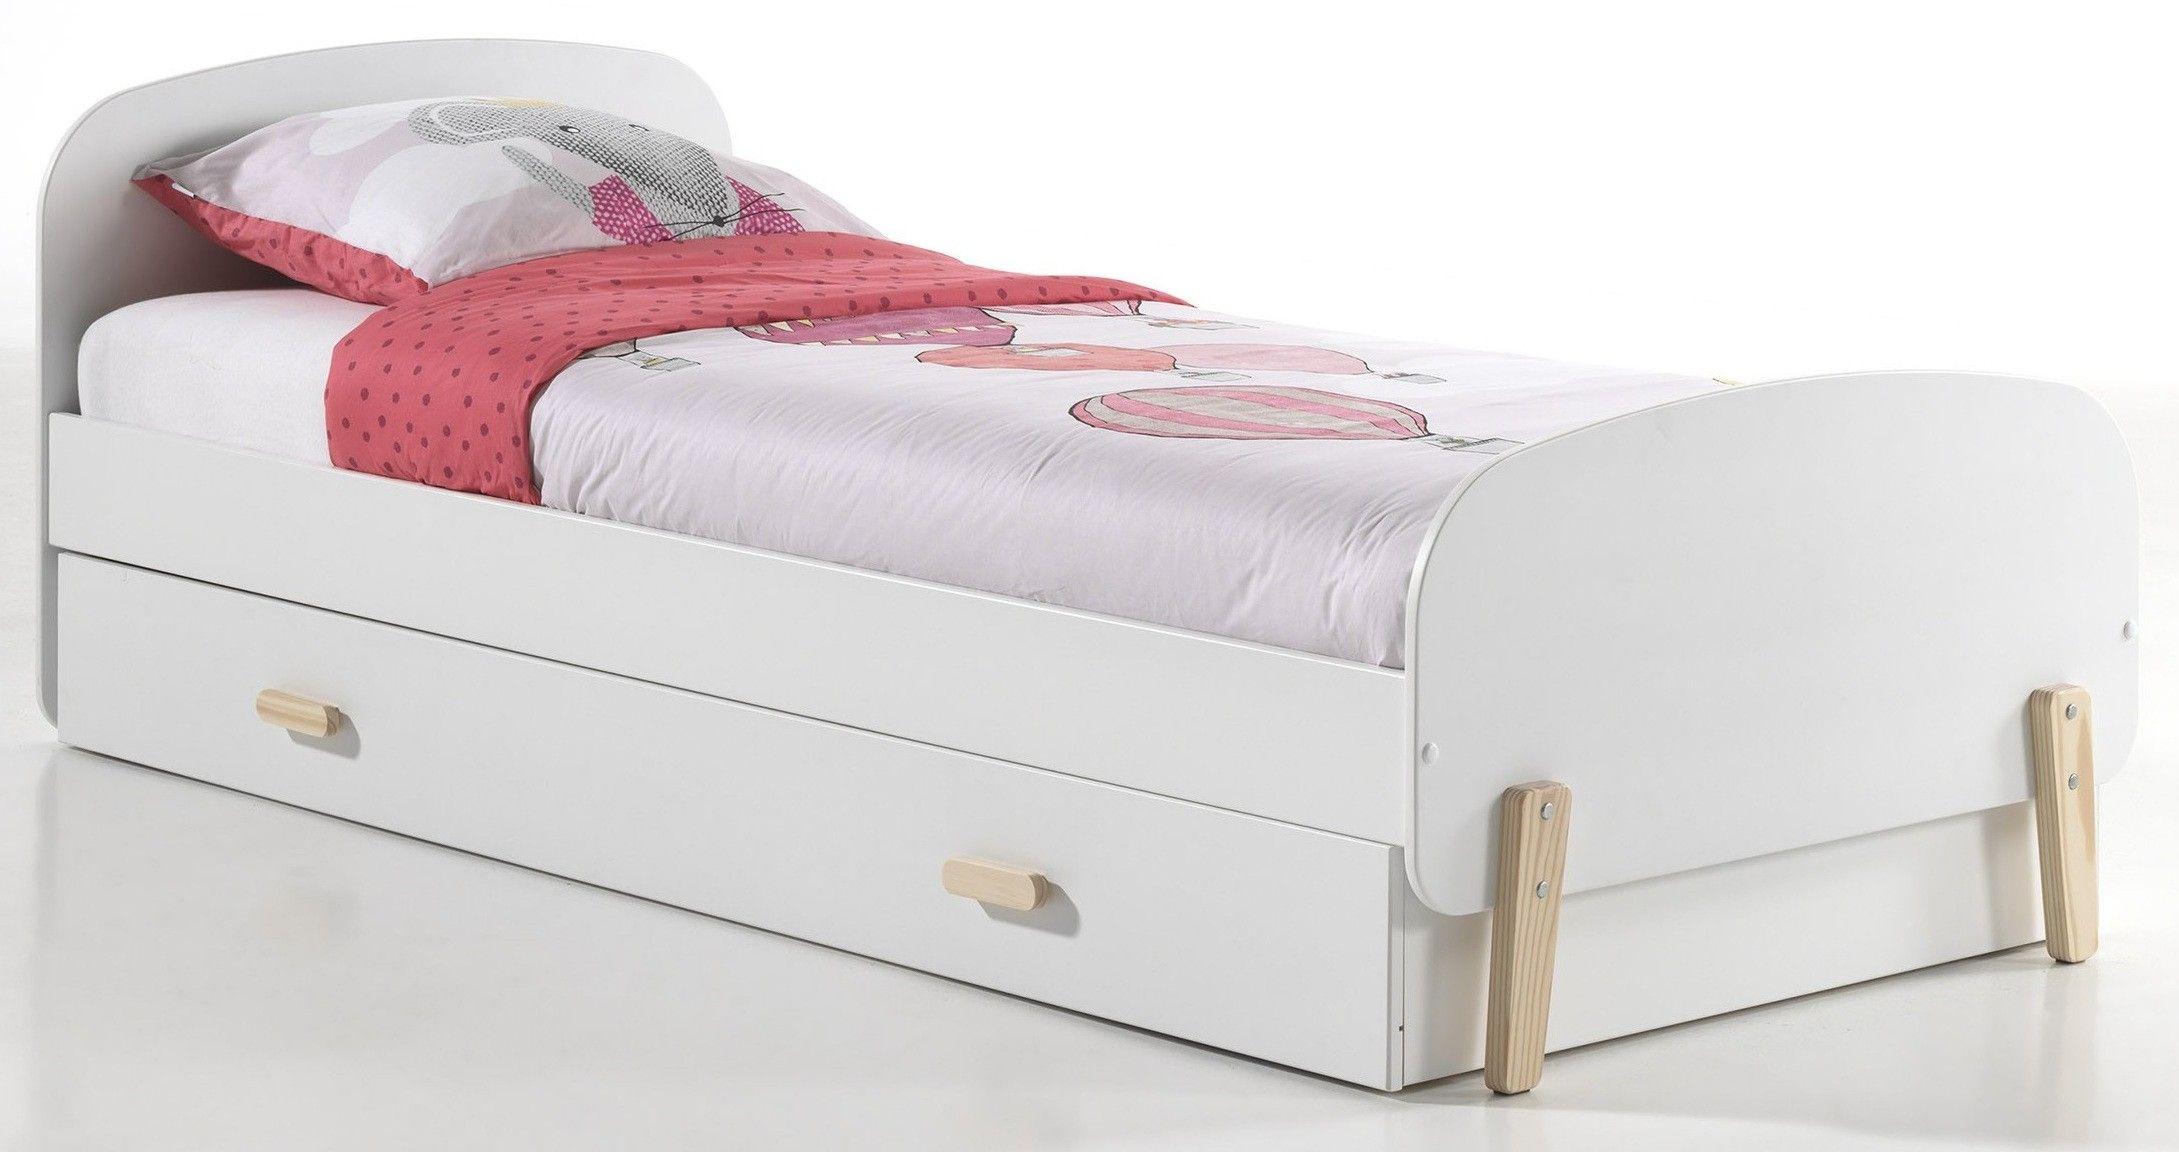 Lit Gigogne Laque Blanc Et Pin Massif Clair Kiddy 90x200 Cm Lit Gigogne Modele De Lit Gigogne